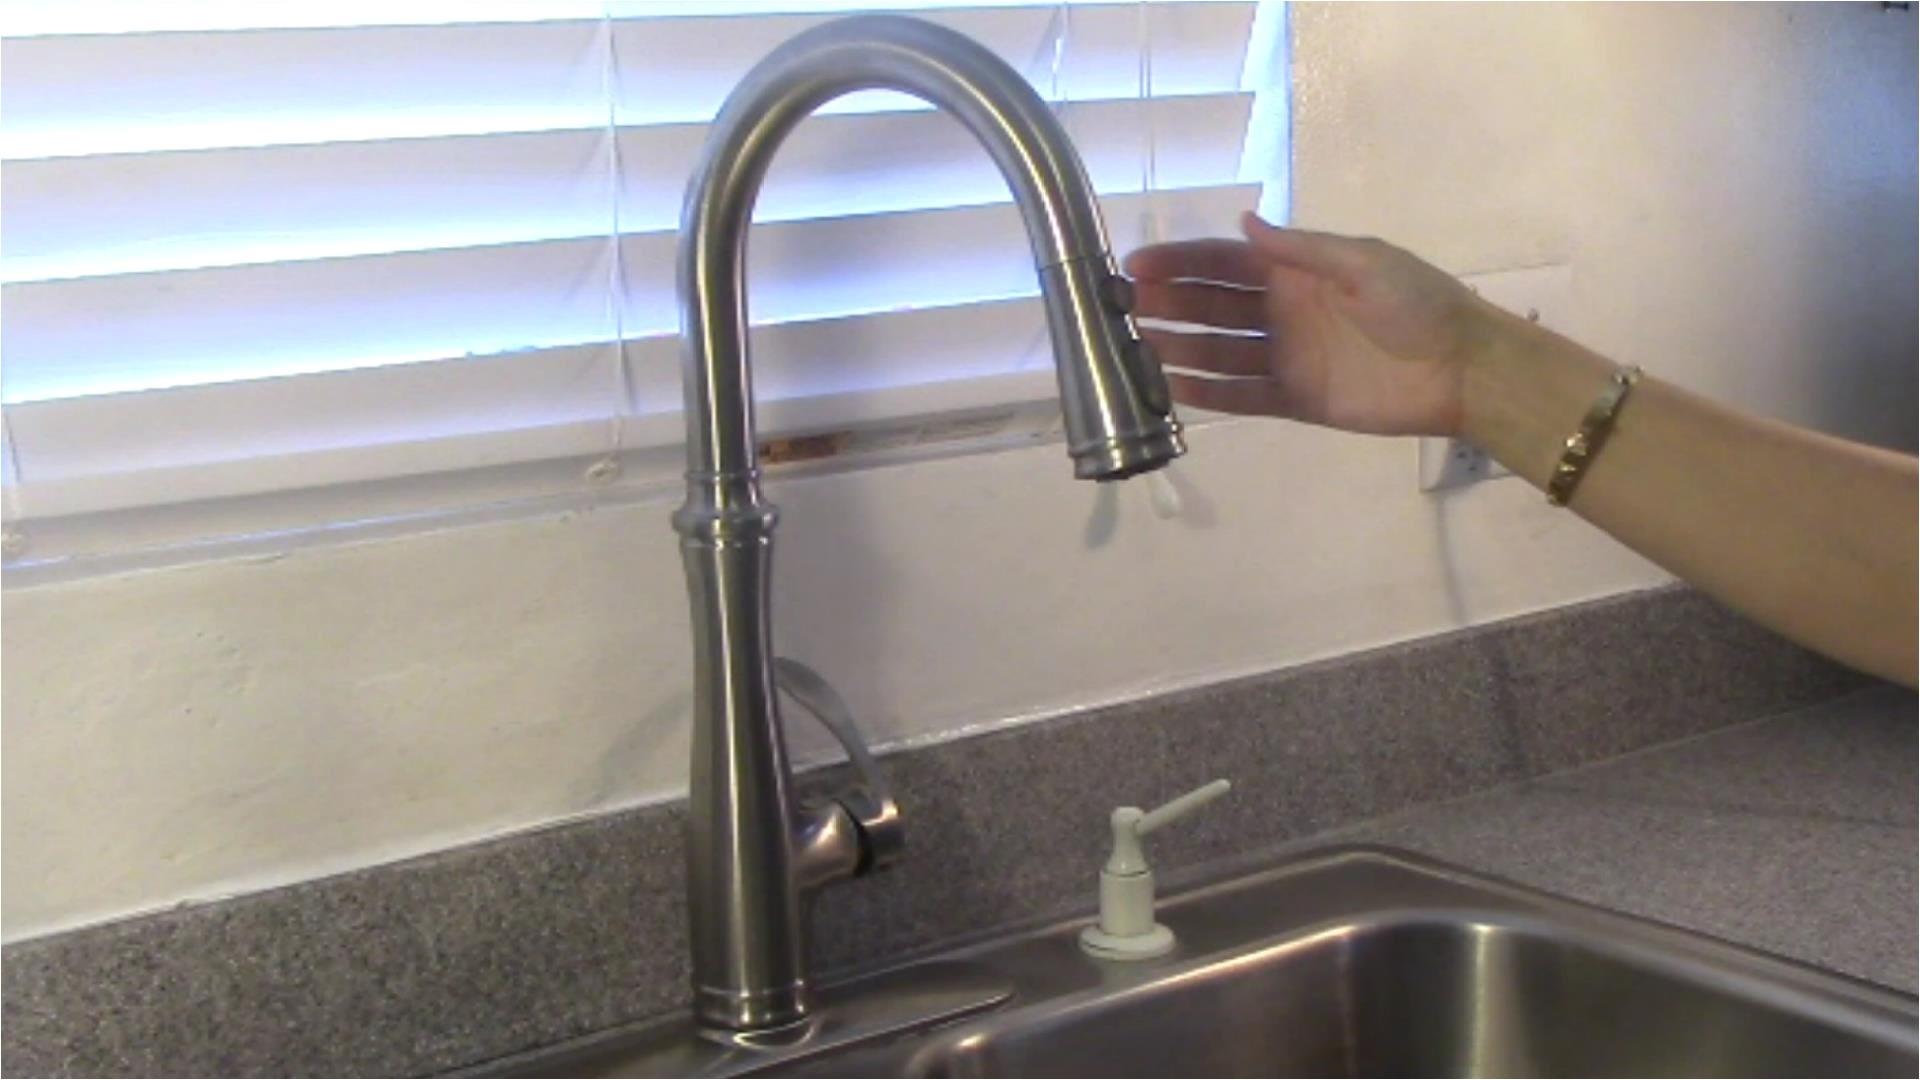 costco kitchen faucet recall best of kohler bellera pull down faucet installation kohler k 560 vs